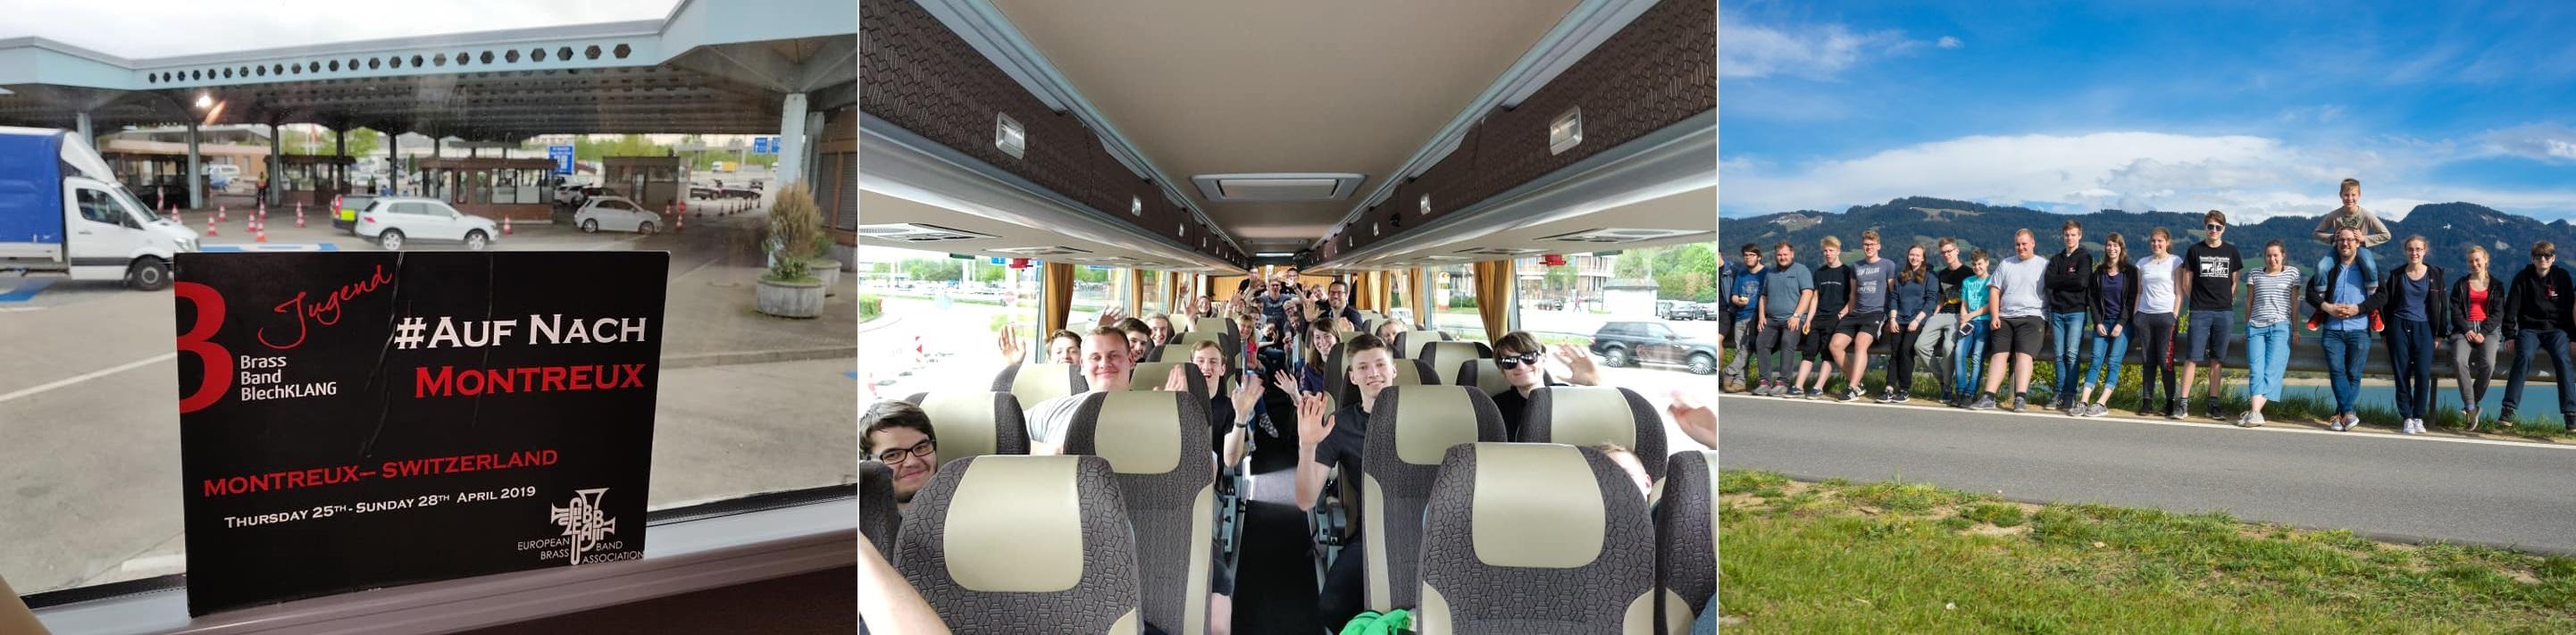 Jugend Brass Band BlechKLANG Fahrt nach Montreux